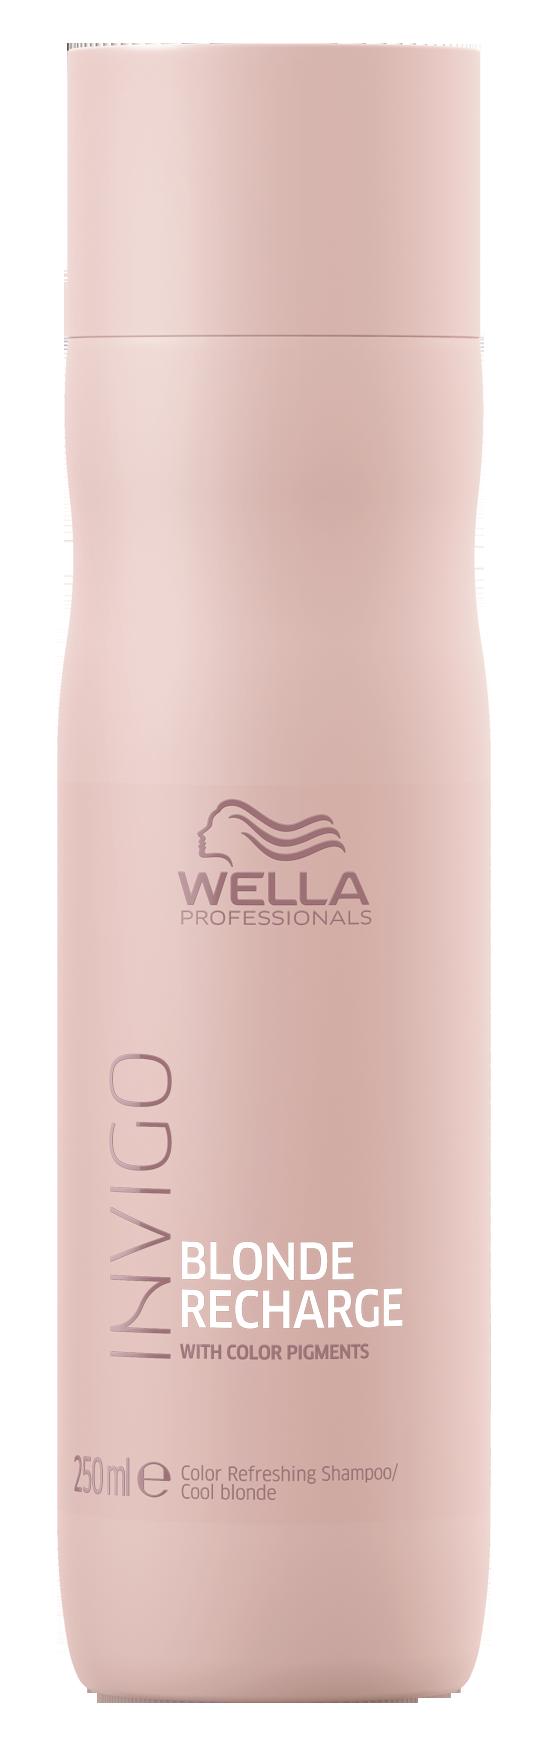 Купить WELLA PROFESSIONALS Шампунь-нейтрализатор желтизны для холодных светлых оттенков / Blonde Recharge 250 мл, Блонд